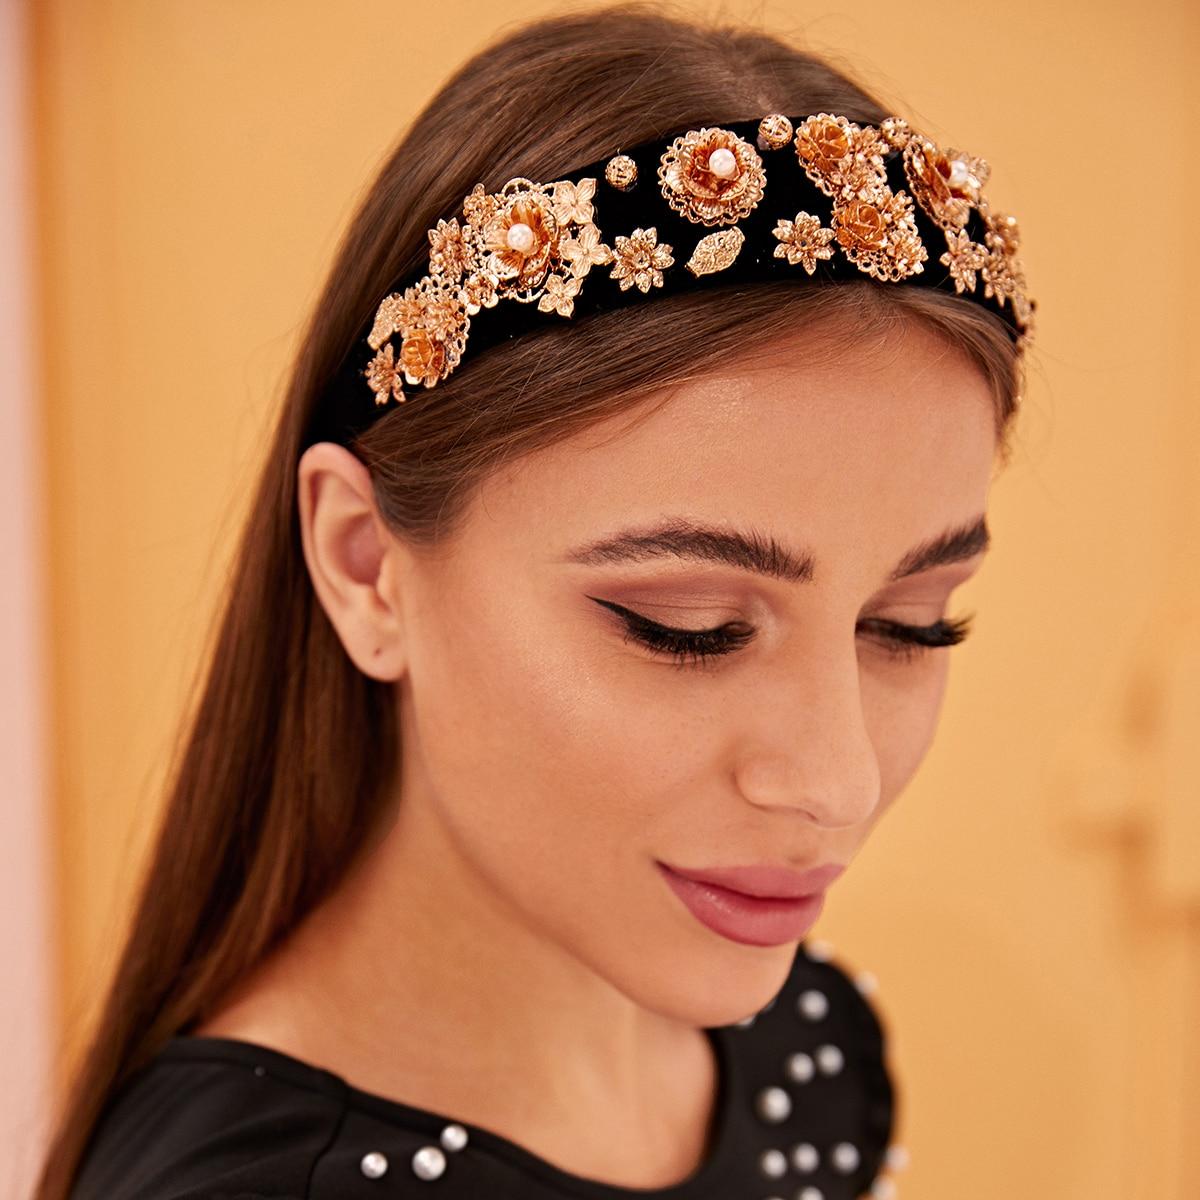 SHEIN / Stirnband mit Kunstperlen & Metallischer Blume Dekor